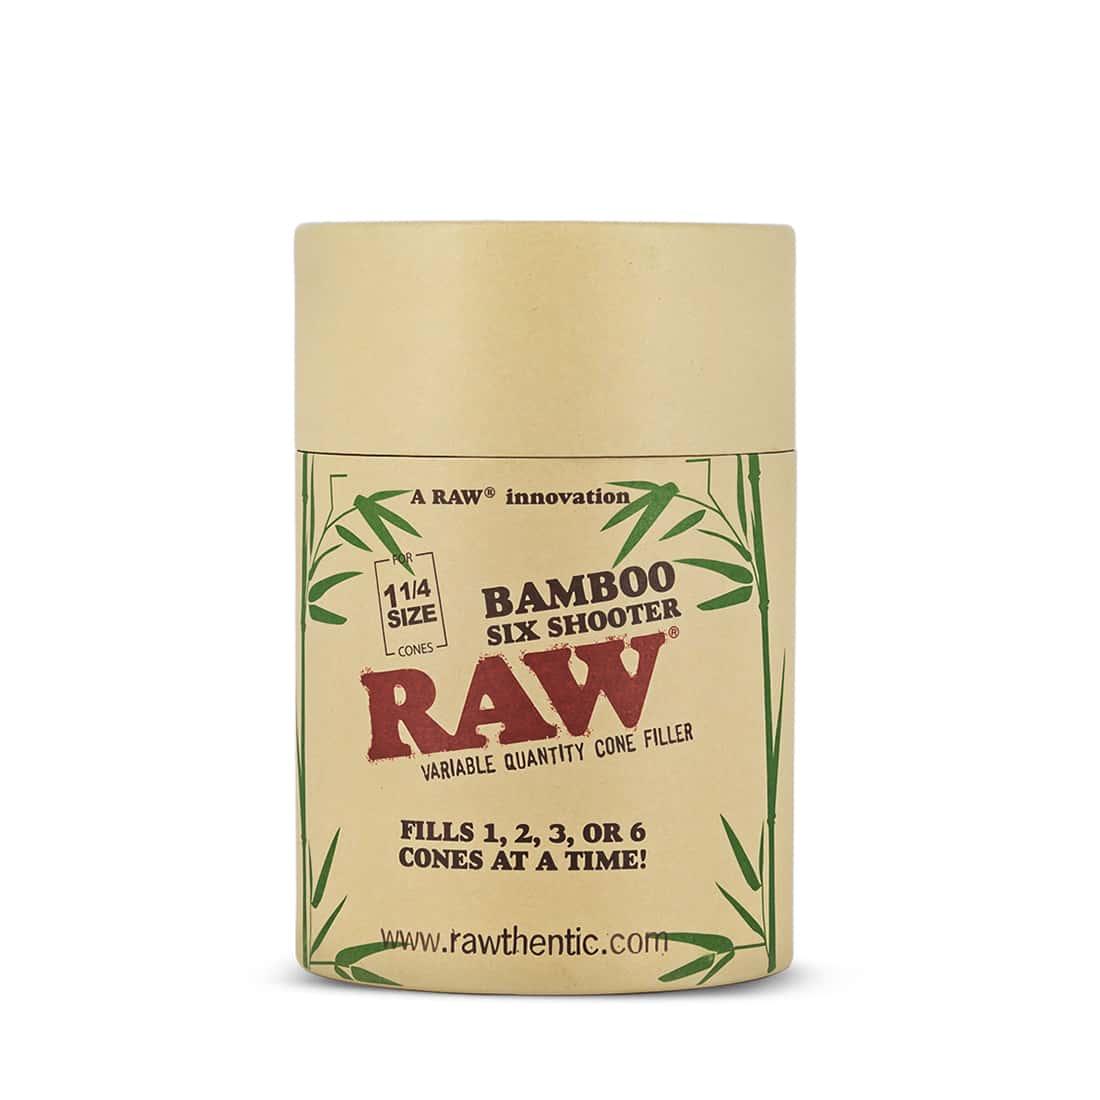 Photo #3 de Shooter Raw 6 Cones 1/4 version Bamboo